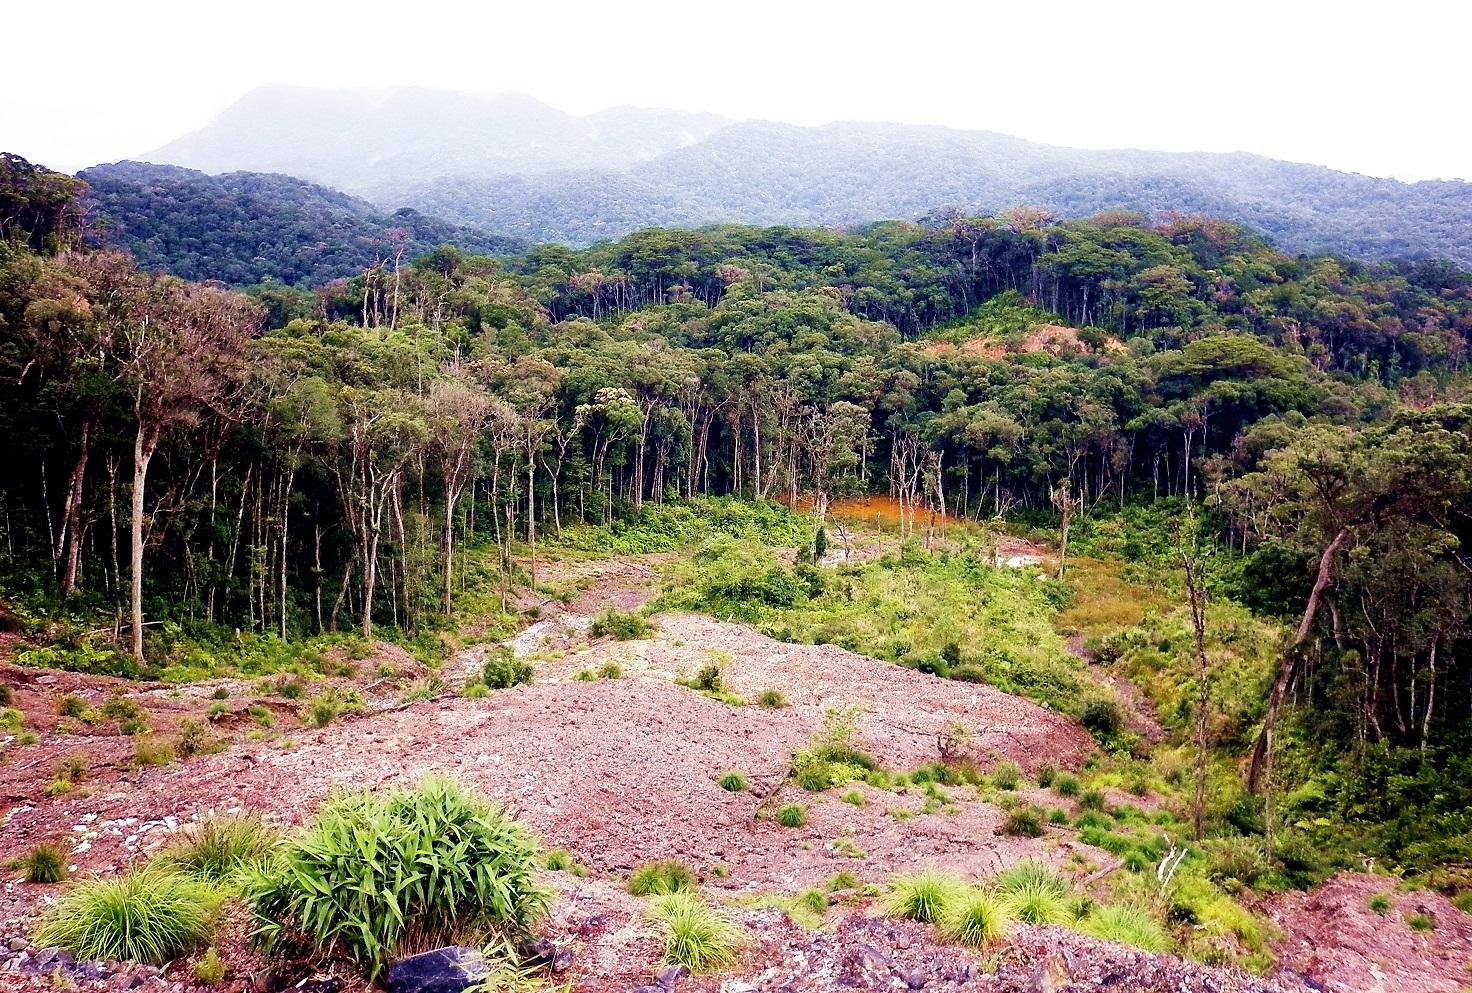 Thảm thực vậy xanh tươi hùng vĩ tại Công viên quốc gia núi Bidoup